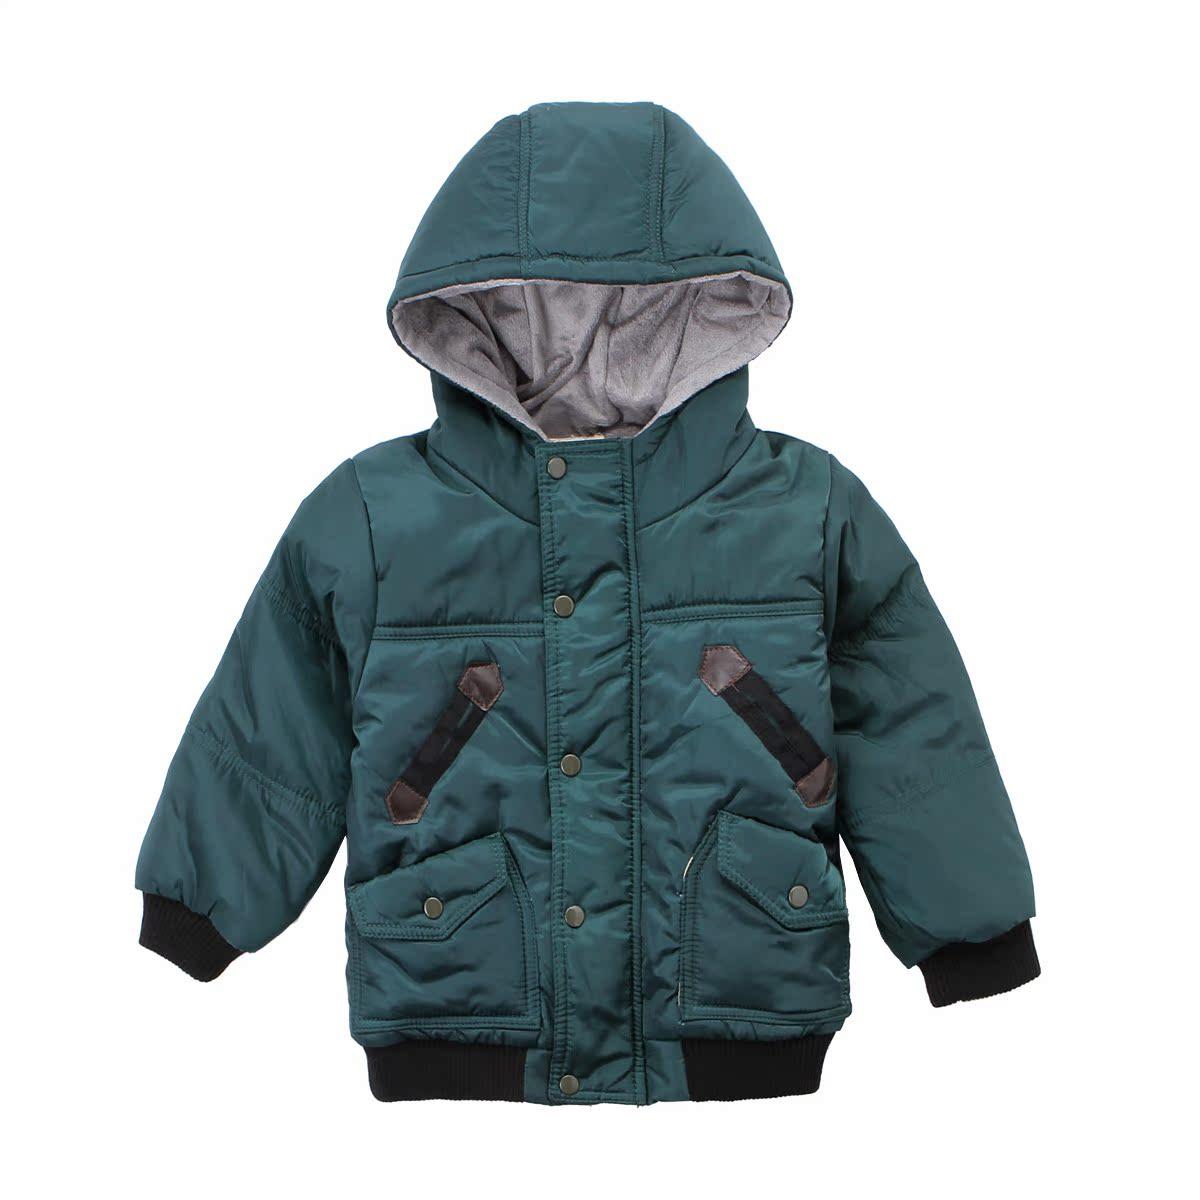 纳图木正品 2014冬装男童加绒加厚 棉服 冬童装男童棉服外套 绒布